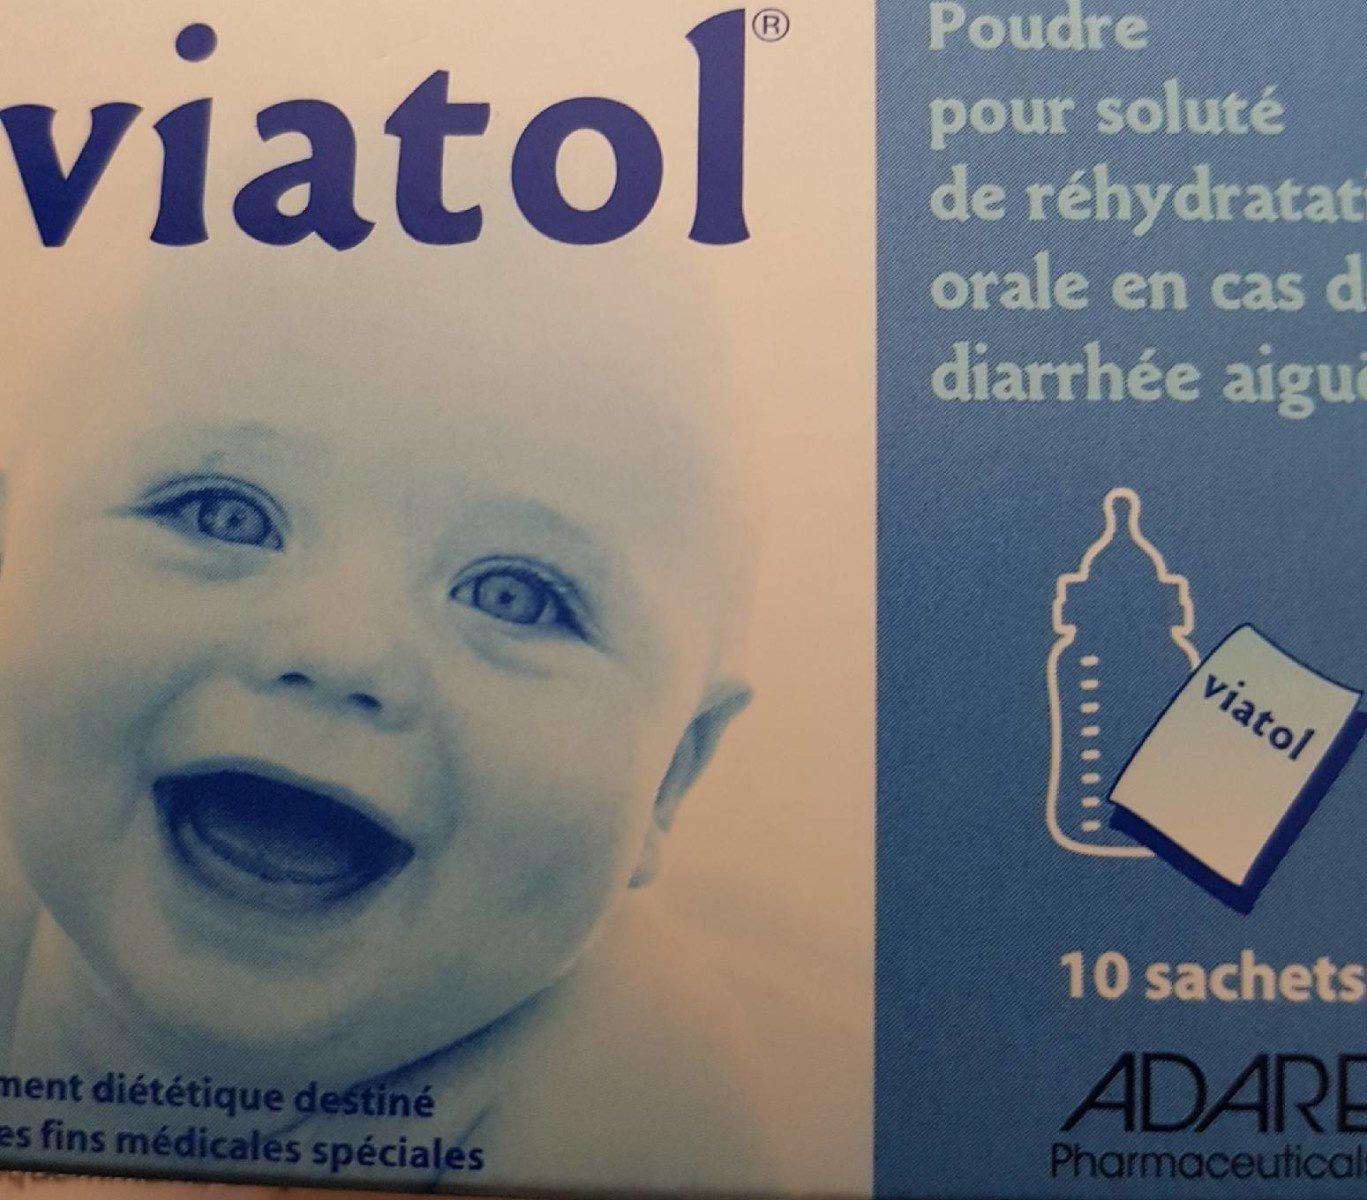 Viatol Soluté De Rehydratation Par Voie Orale 10 Sachets - Product